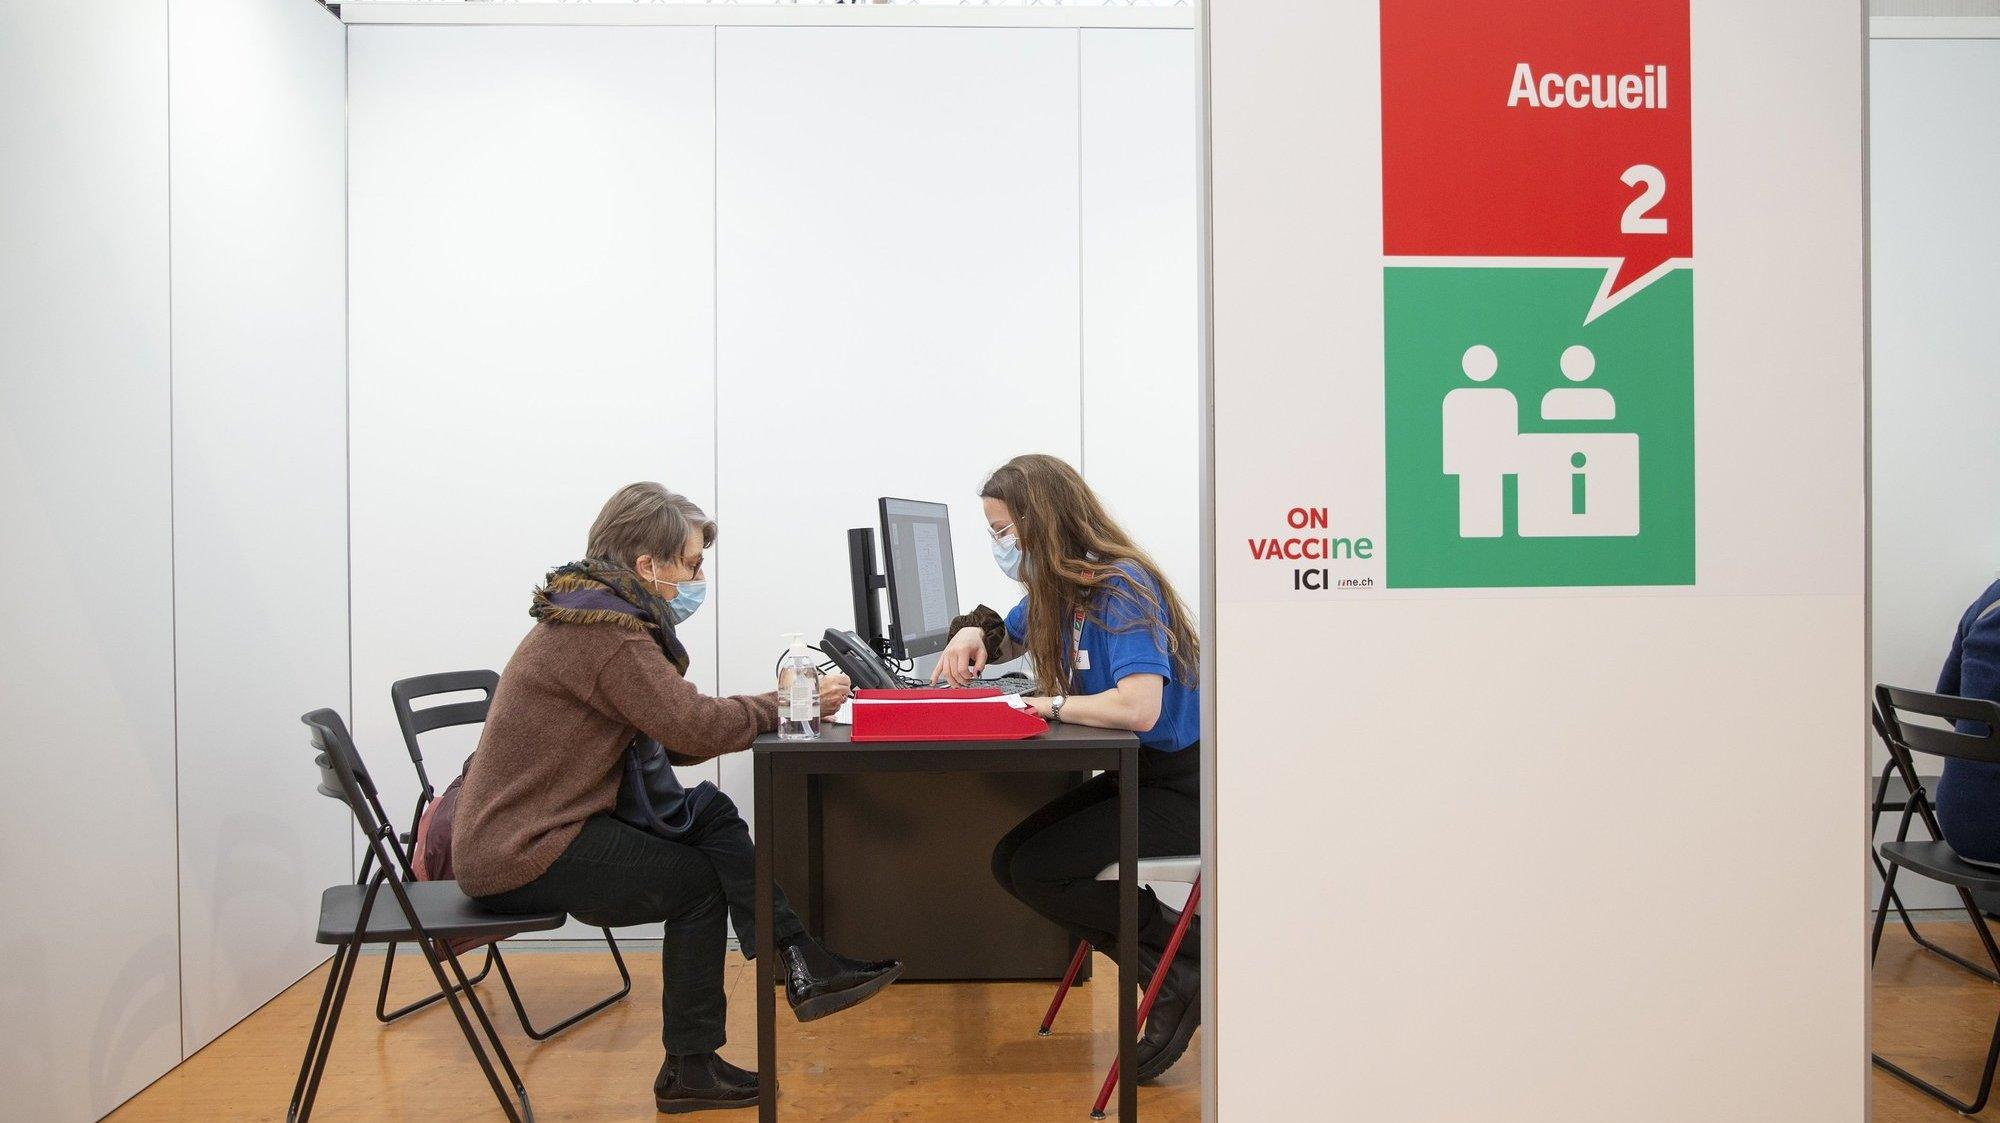 Le centre de vaccination de Neuchâtel va fermer: quelles conséquences sur les emplois?